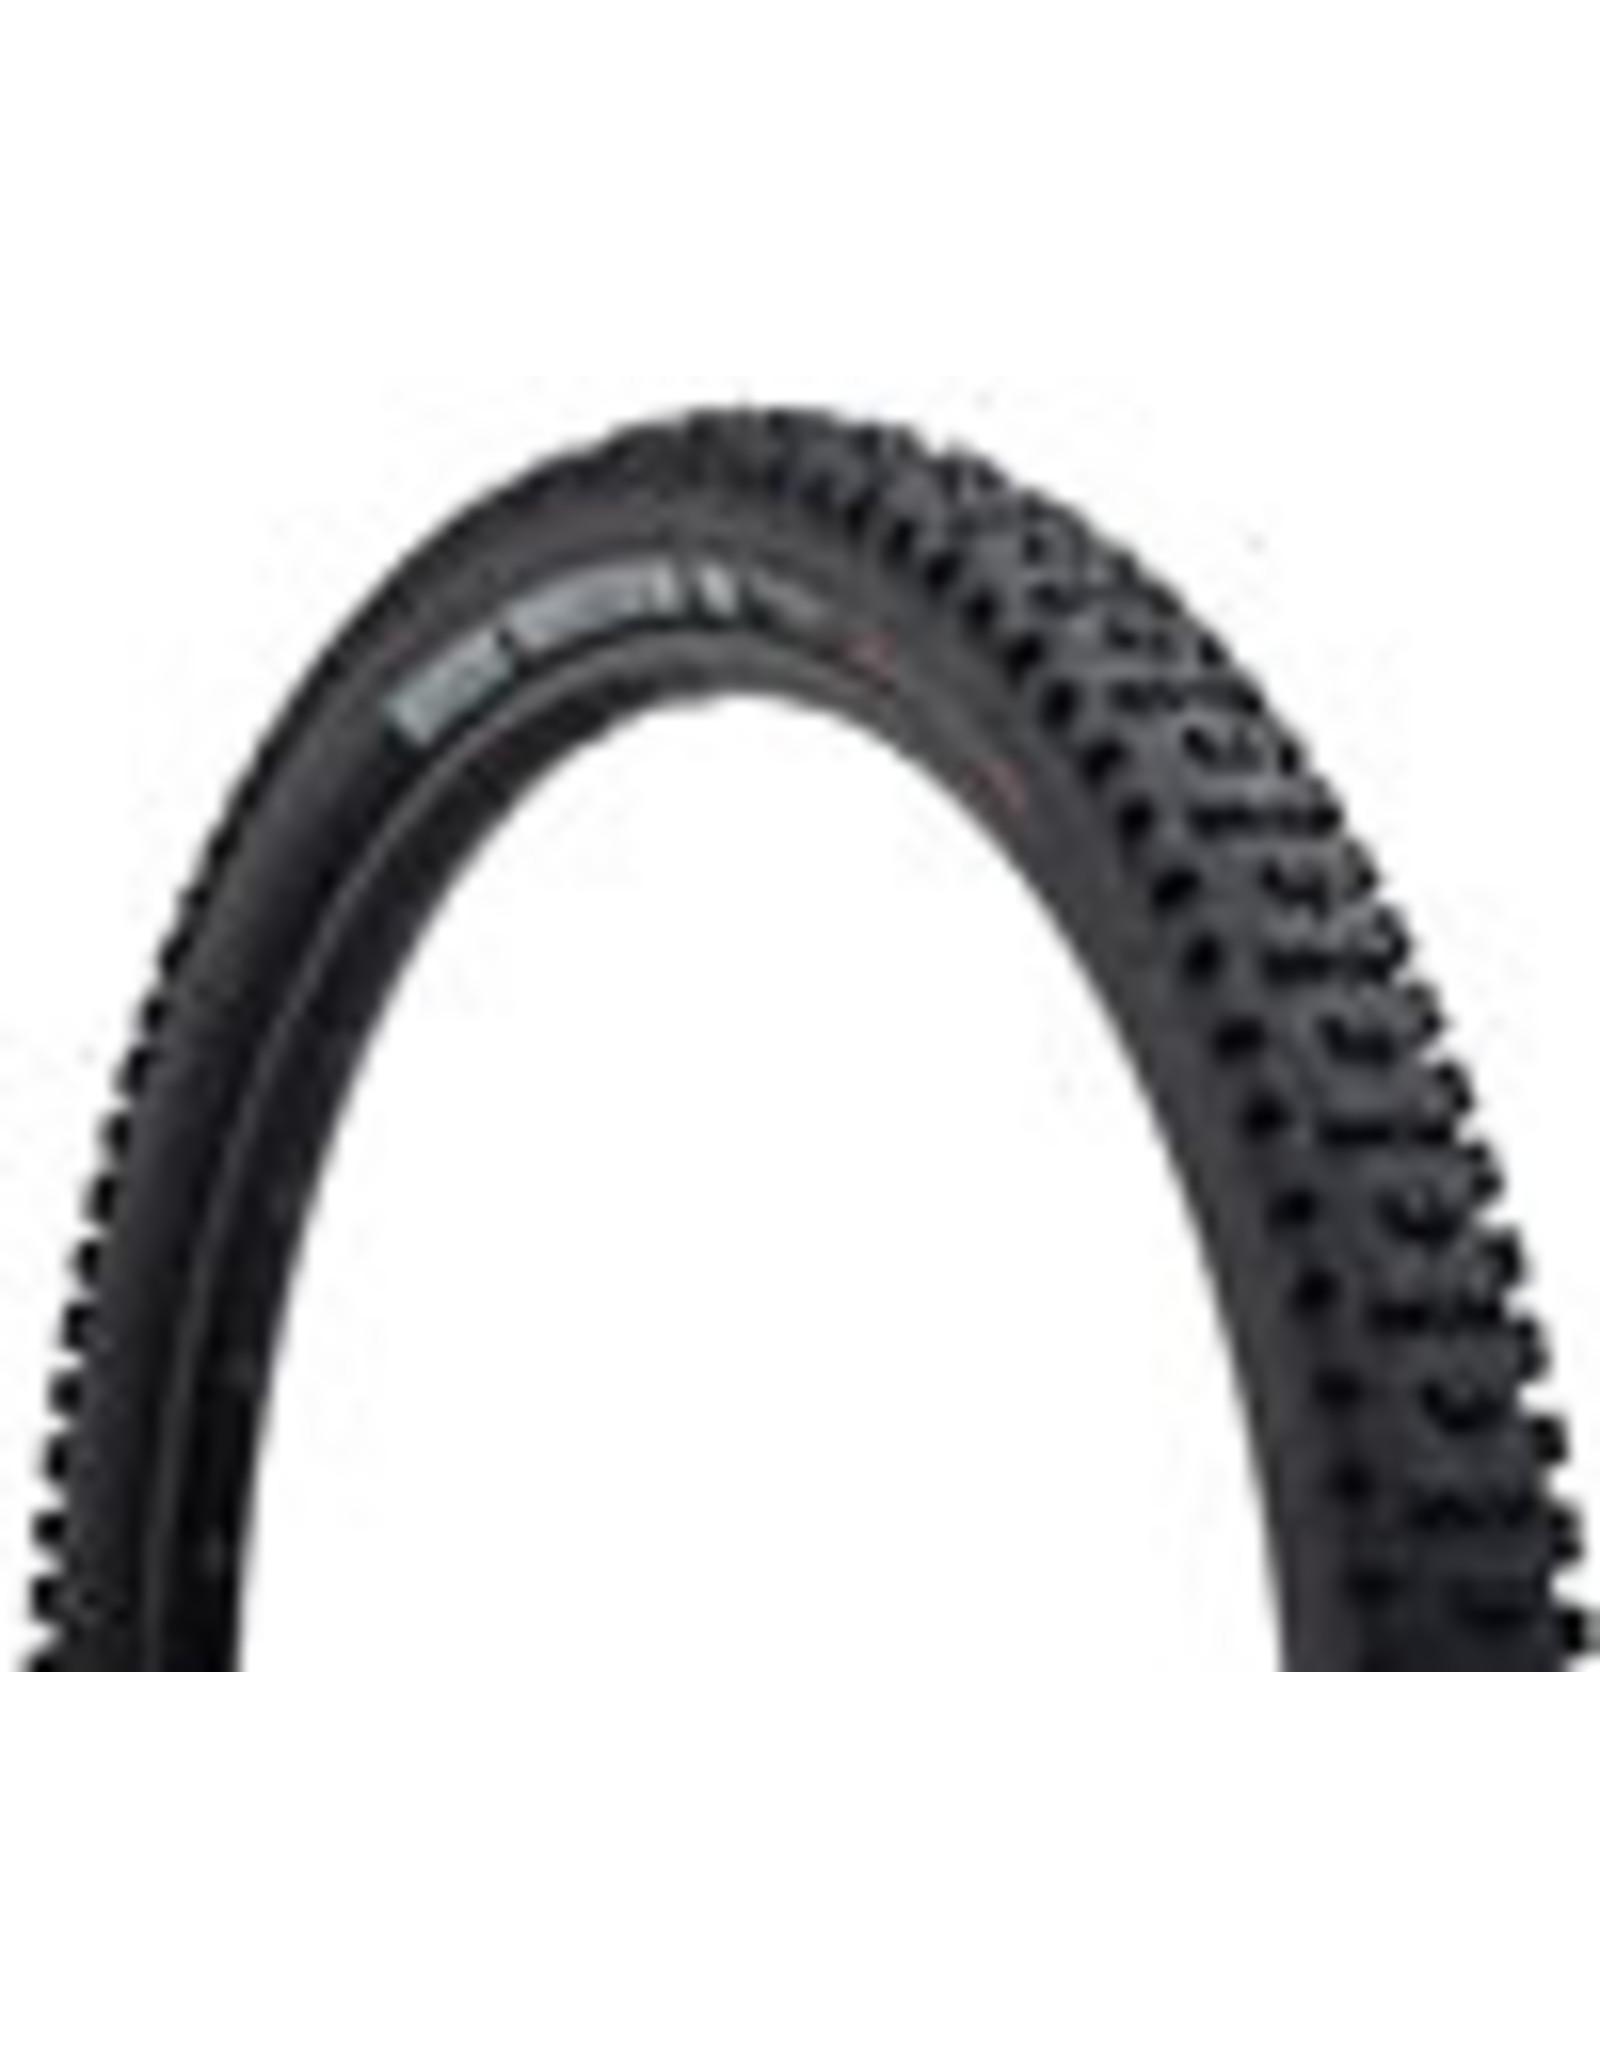 Maxxis Maxxis High Roller II Tire - 29 x 2.5, Tubeless, Folding, Black, 3C Maxx Terra, DD, Wide Trail